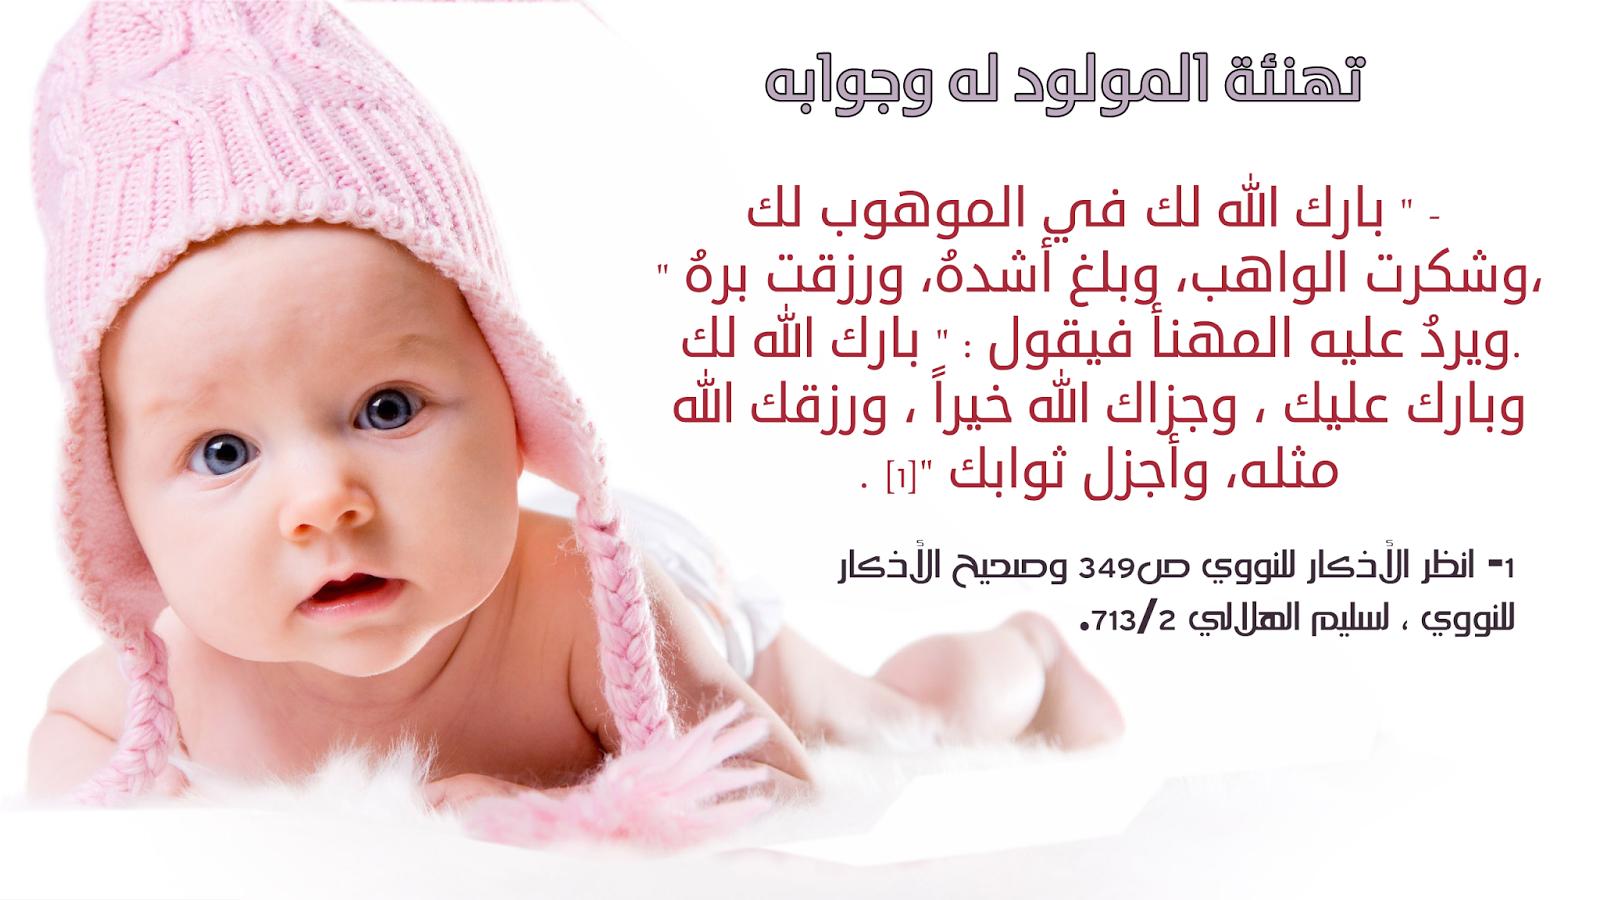 رسائل وكلمات روعة للتهنئة بالمولود الجديد مجلة رجيم